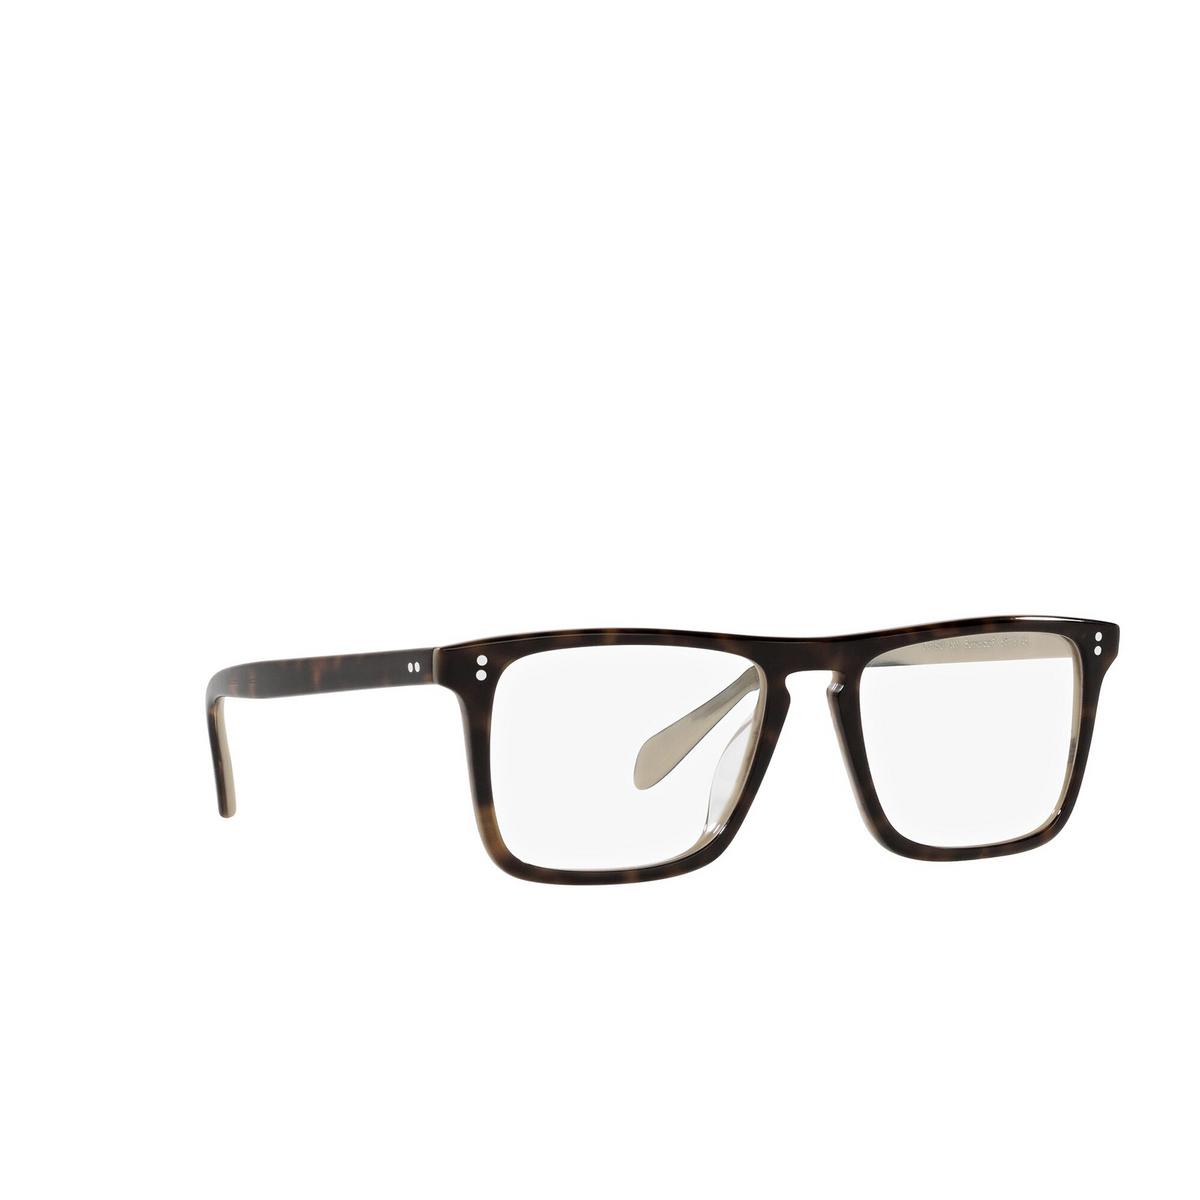 Oliver Peoples® Square Eyeglasses: Bernardo-r OV5189U color 362 / Horn 1666 - three-quarters view.